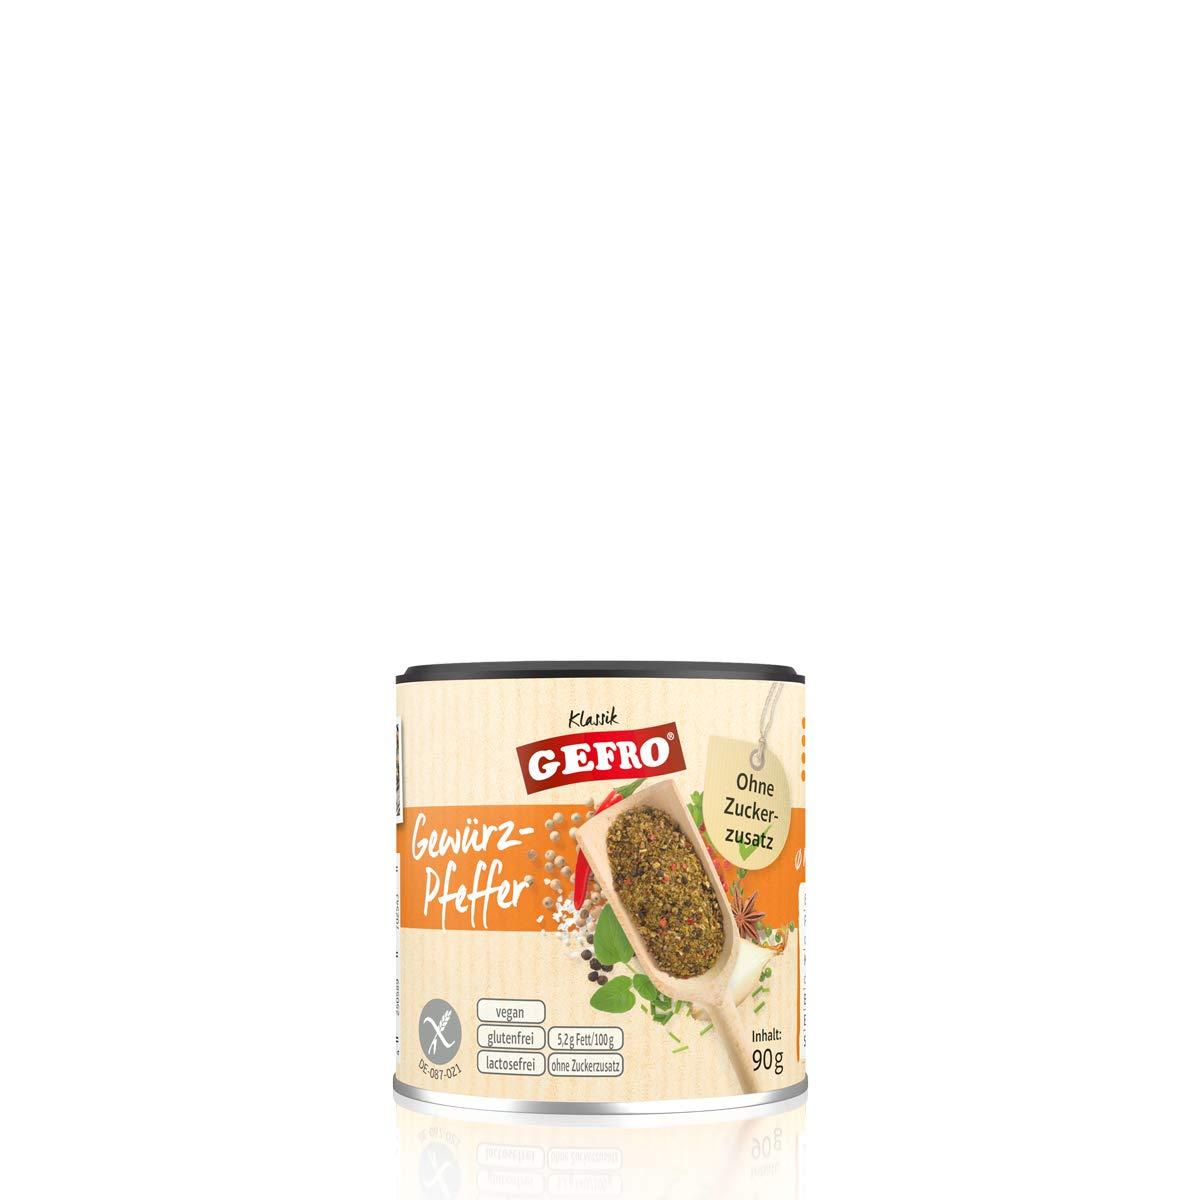 Gefro Gewürz Pfeffer Zum Würzen Verfeinern Von Rohkost Salat Fleisch Fisch 90g Amazon De Lebensmittel Getränke